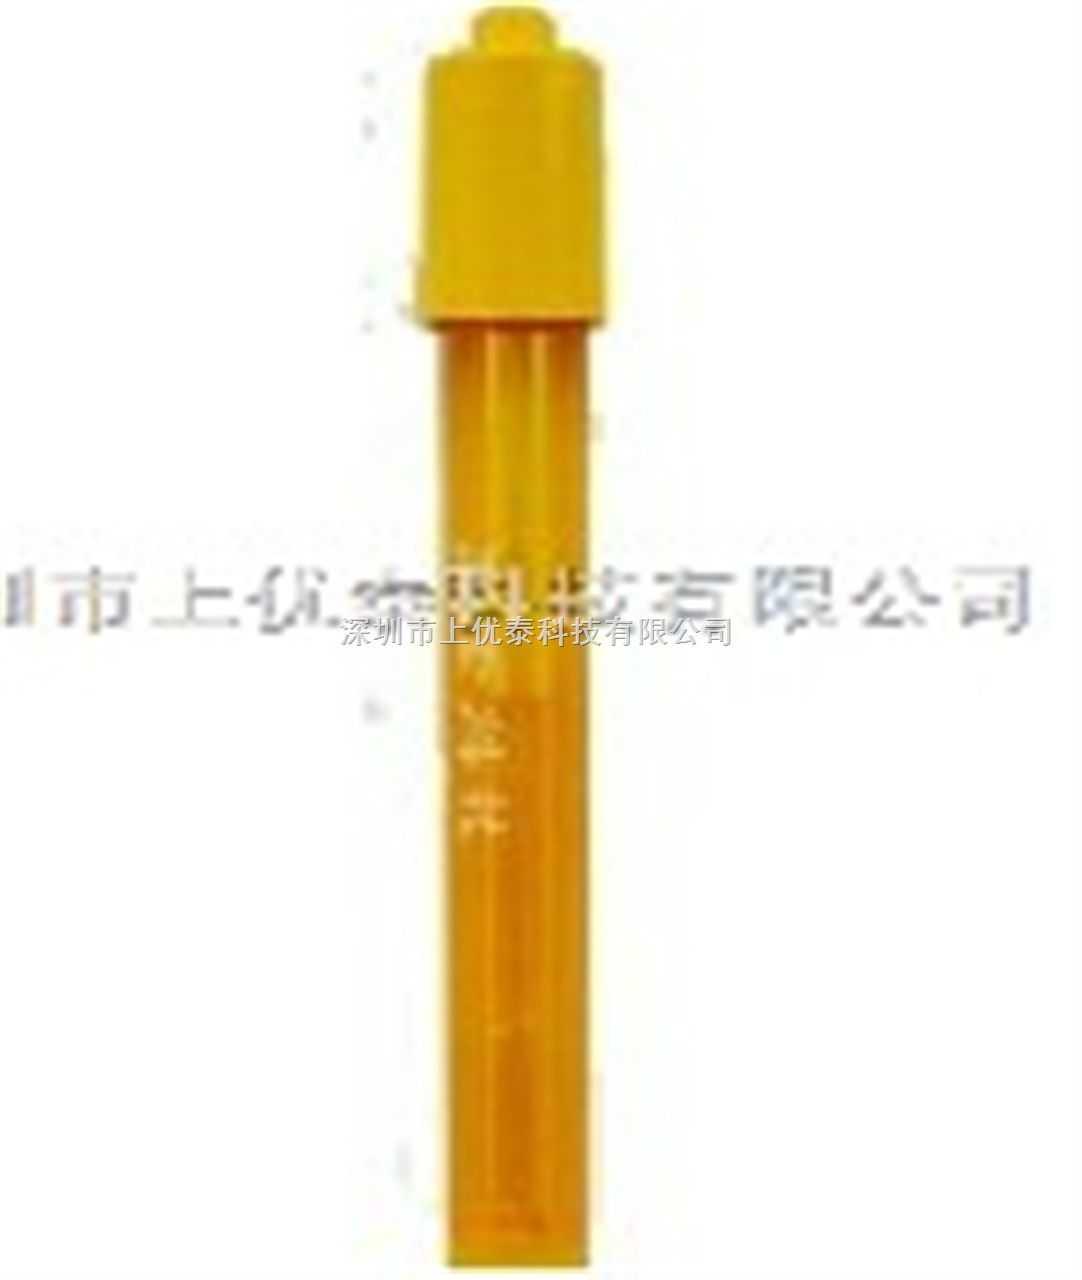 塑壳PH电极,环型PH复合电极,环型PH计电极